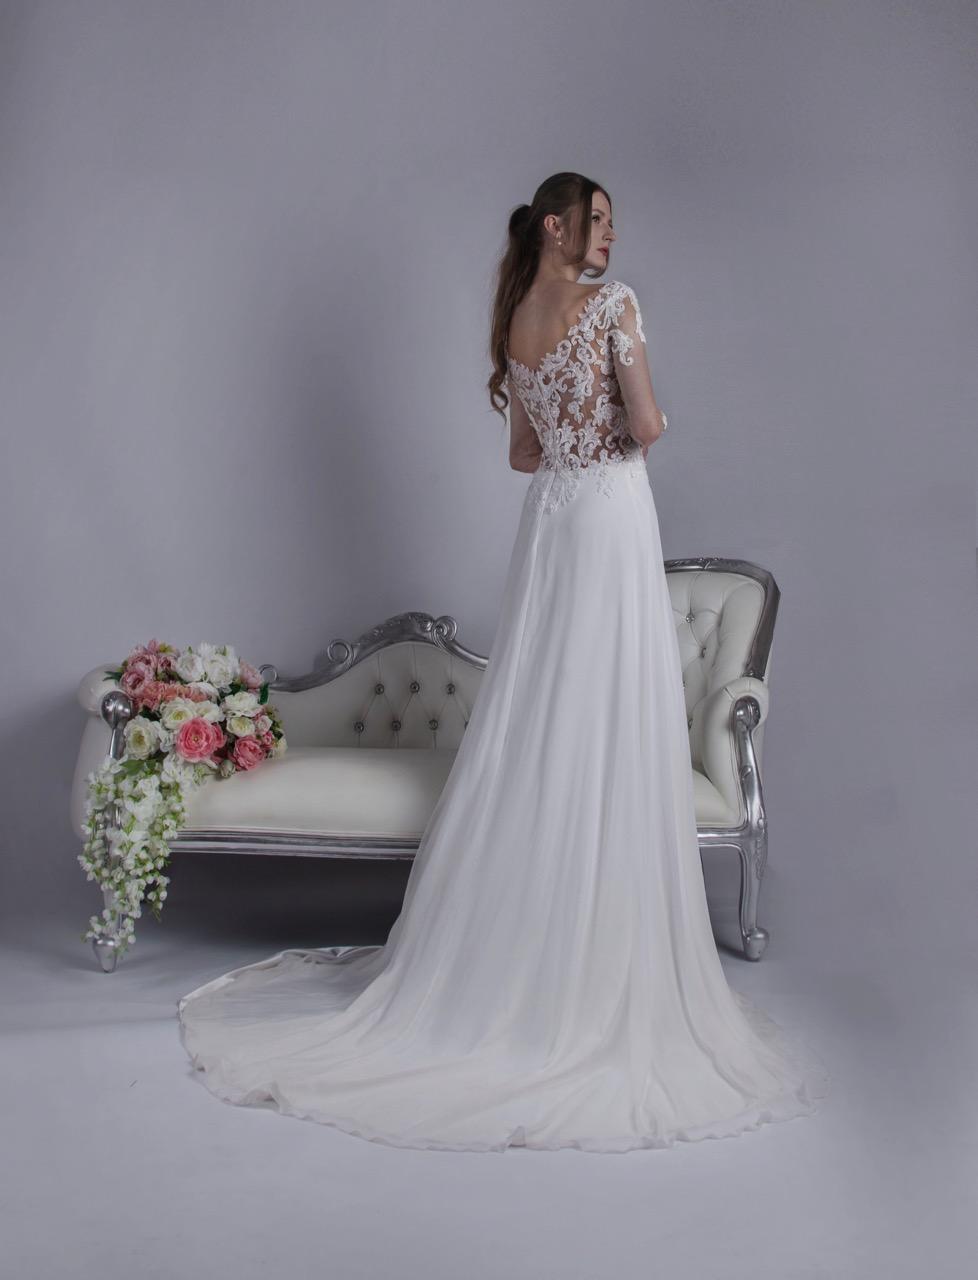 Robe de mariée avec une jupe en mousseline très aérée